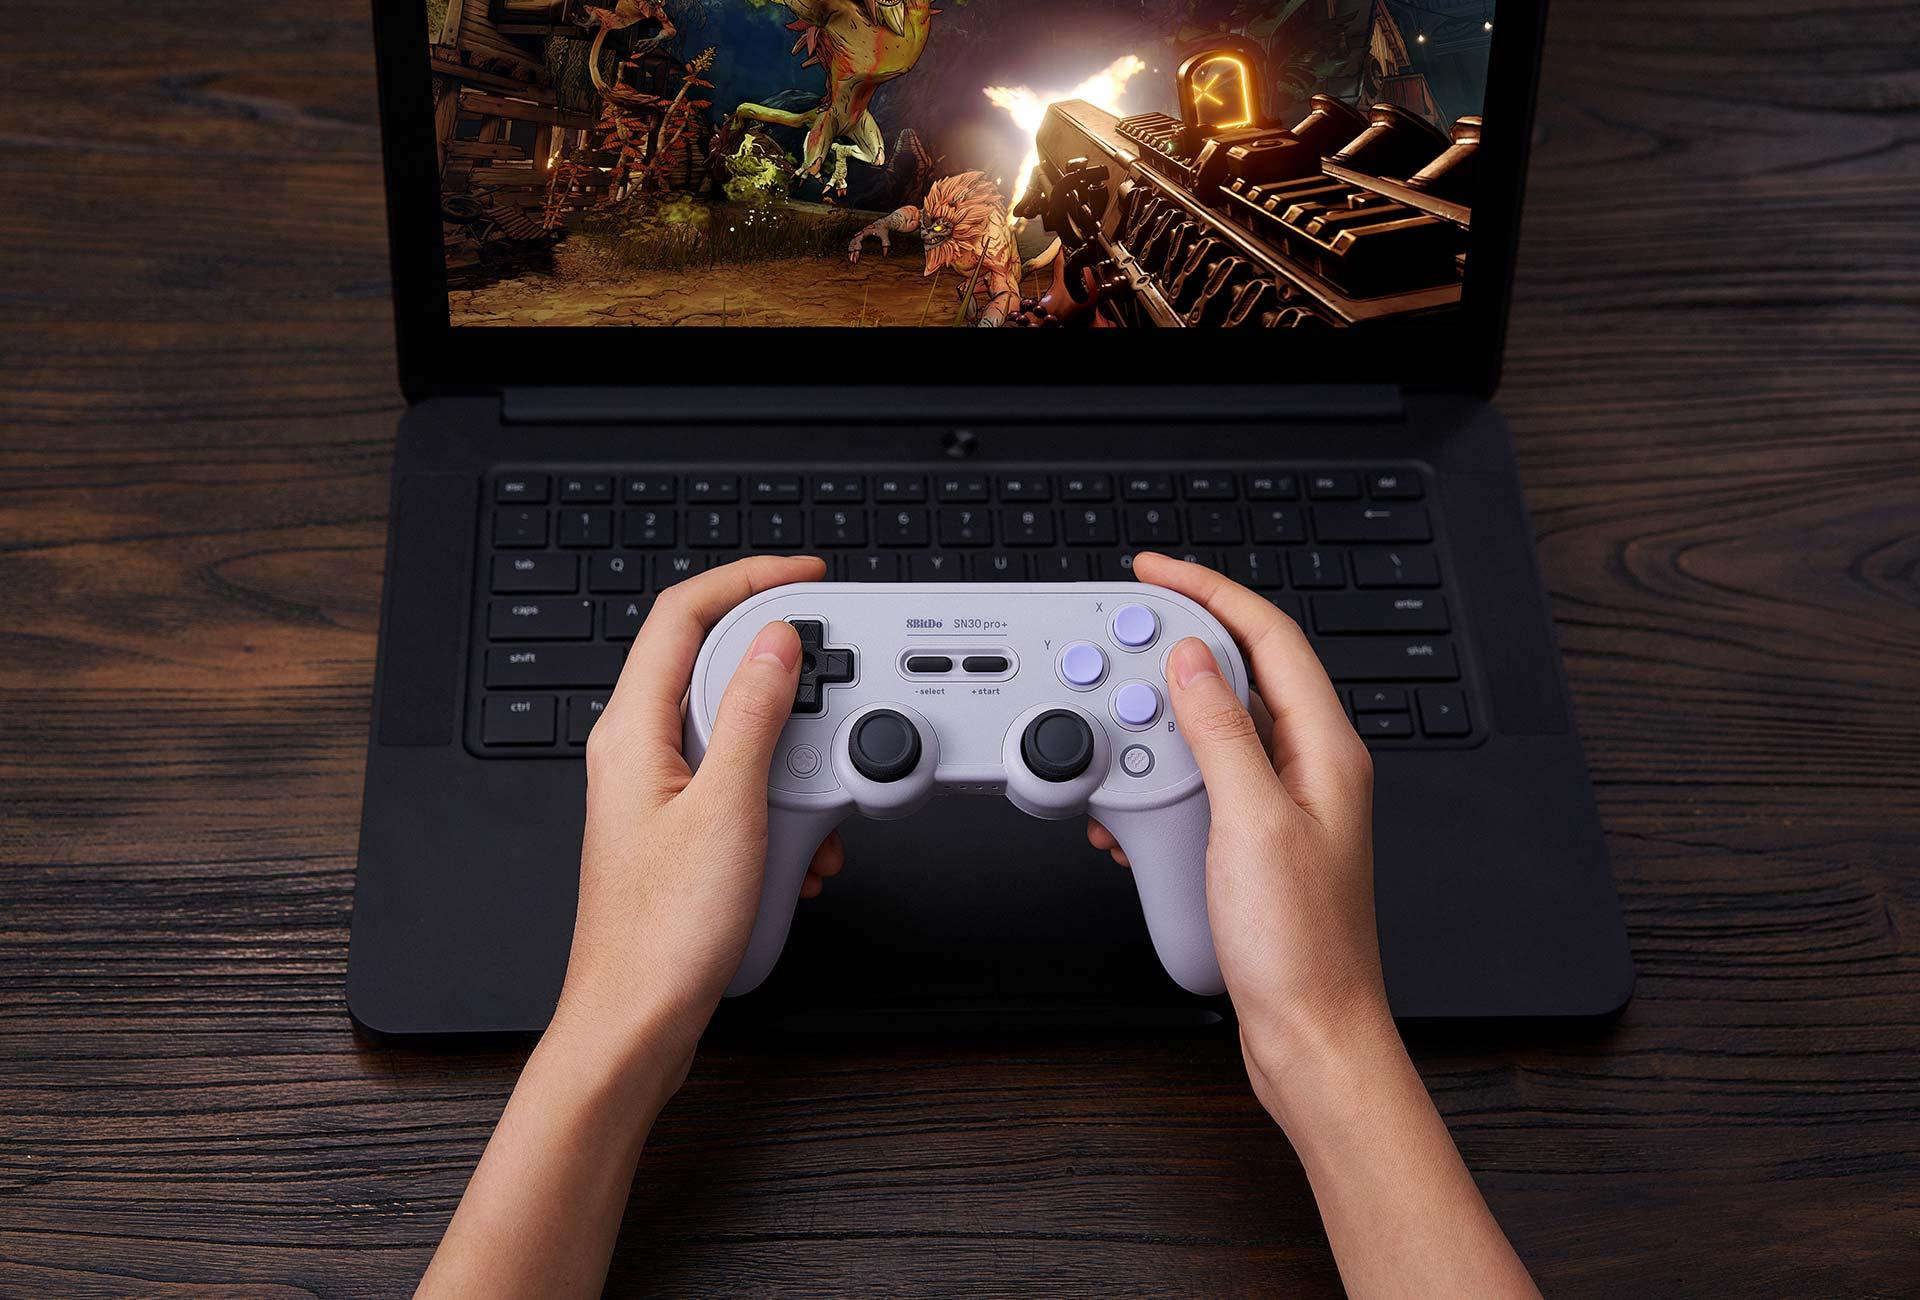 O SN30+ da 8bitDo é um controle Bluetooth inspirado no clássico Super Nintendo e pode ser usado no PC ou no Nintendo Switch (Fonte: Divulgação/8bitDo)